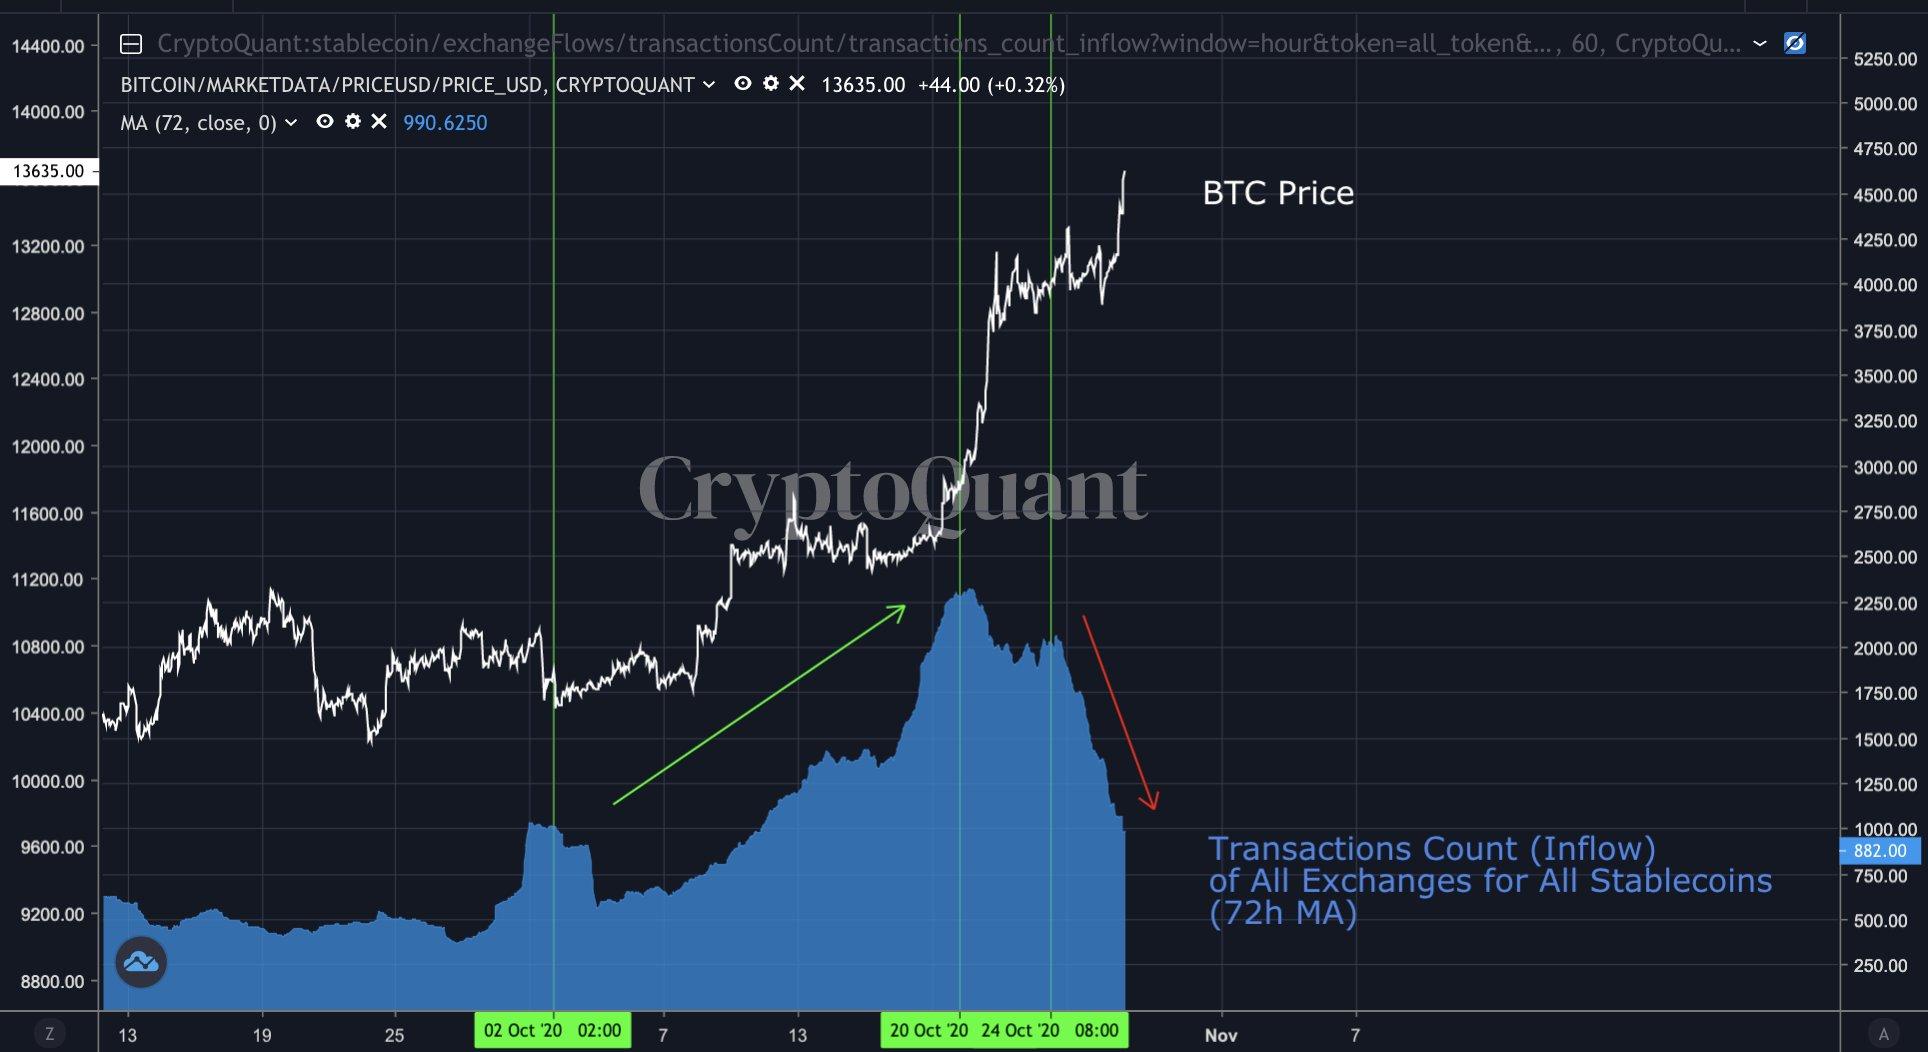 《【比特币价格】比特币价格突然跌破13,000美元的3个原因并不看跌》